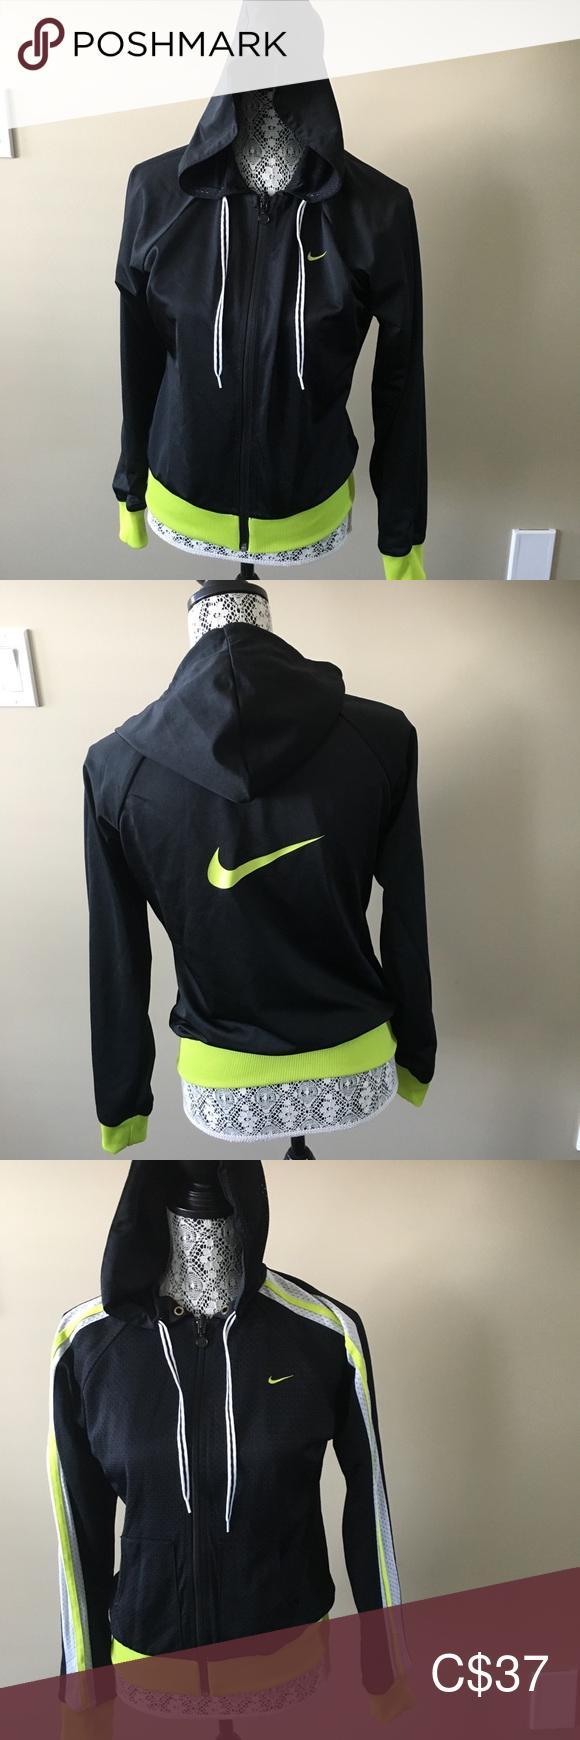 Predownload: Nike Reversible Athletic Zip Up Hoodie Size M Hoodies Zip Ups Black Nikes [ 1740 x 580 Pixel ]